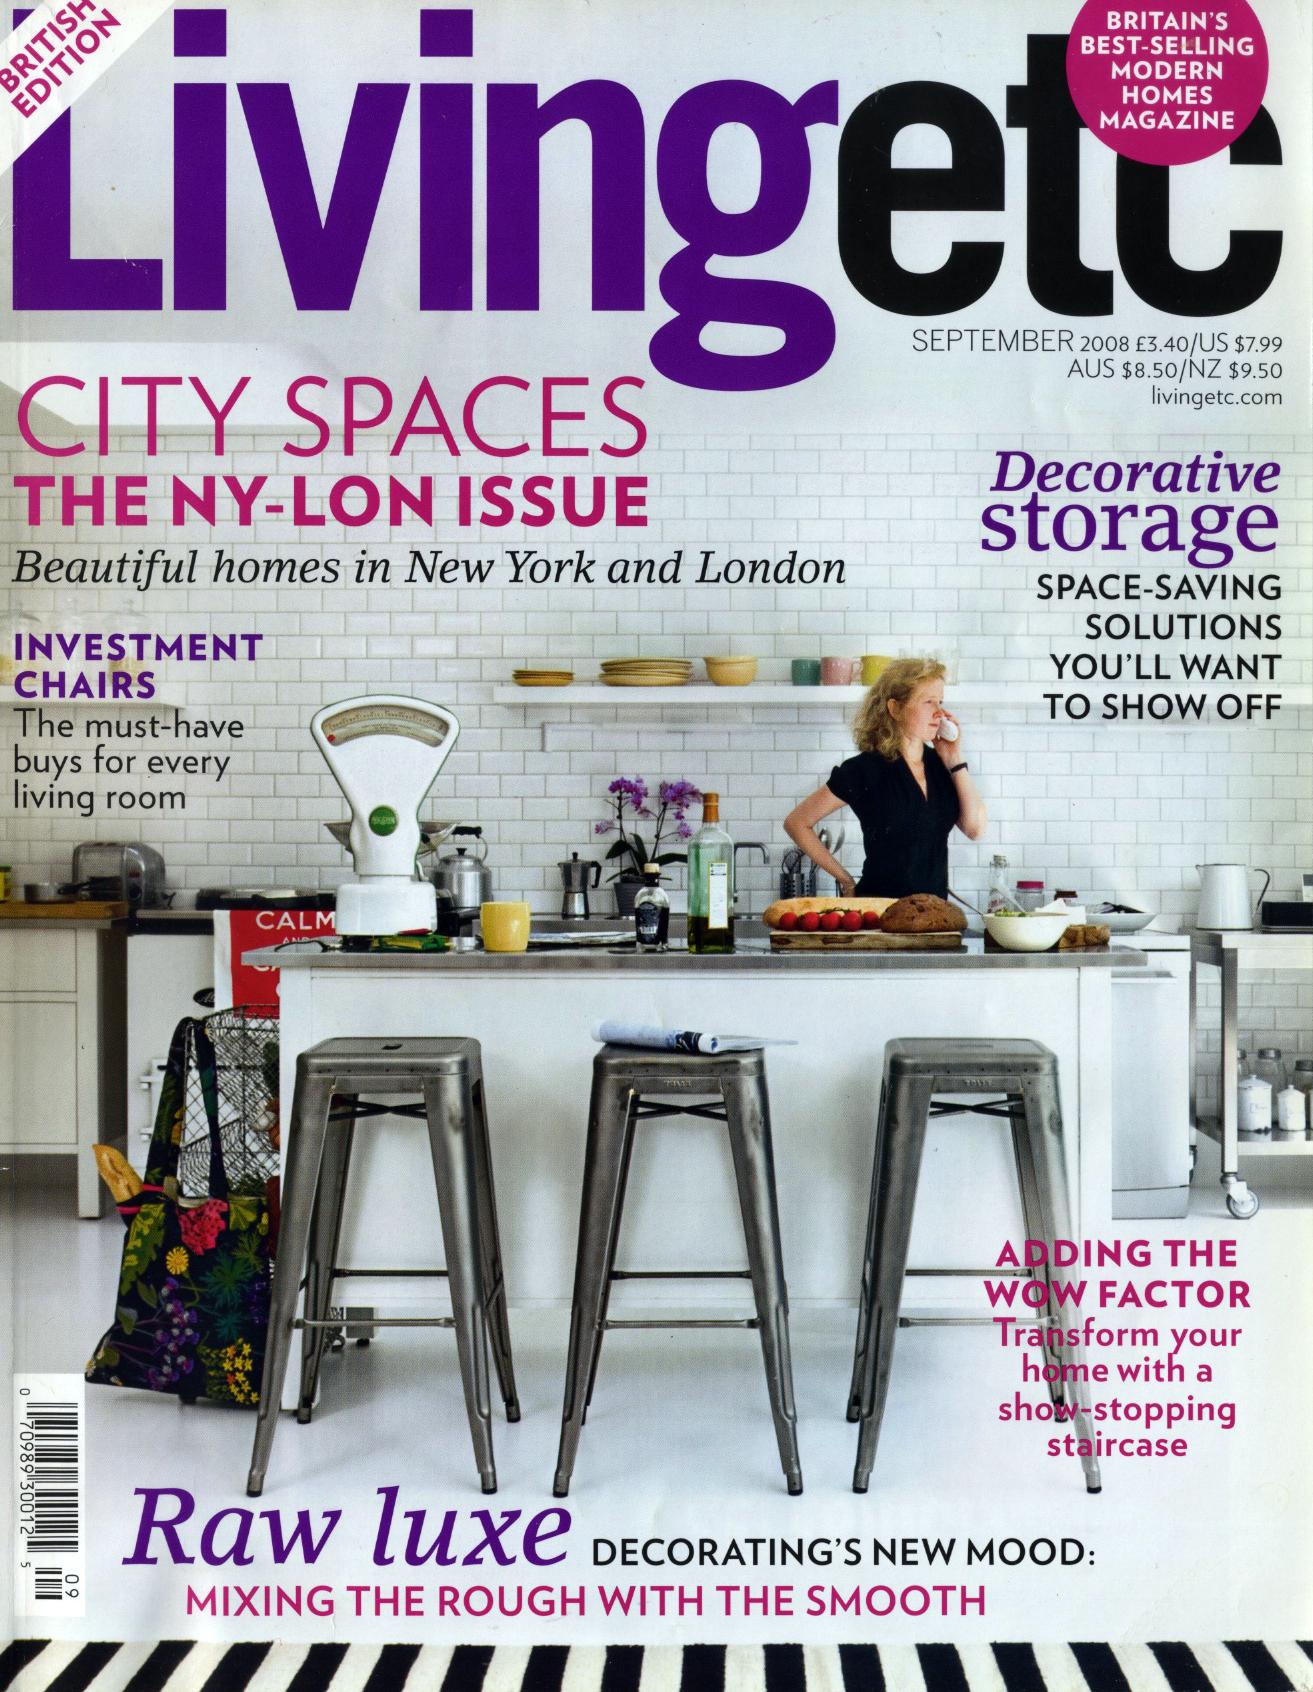 © ghislaine viñas interior design-living ect.09.08_2.jpeg